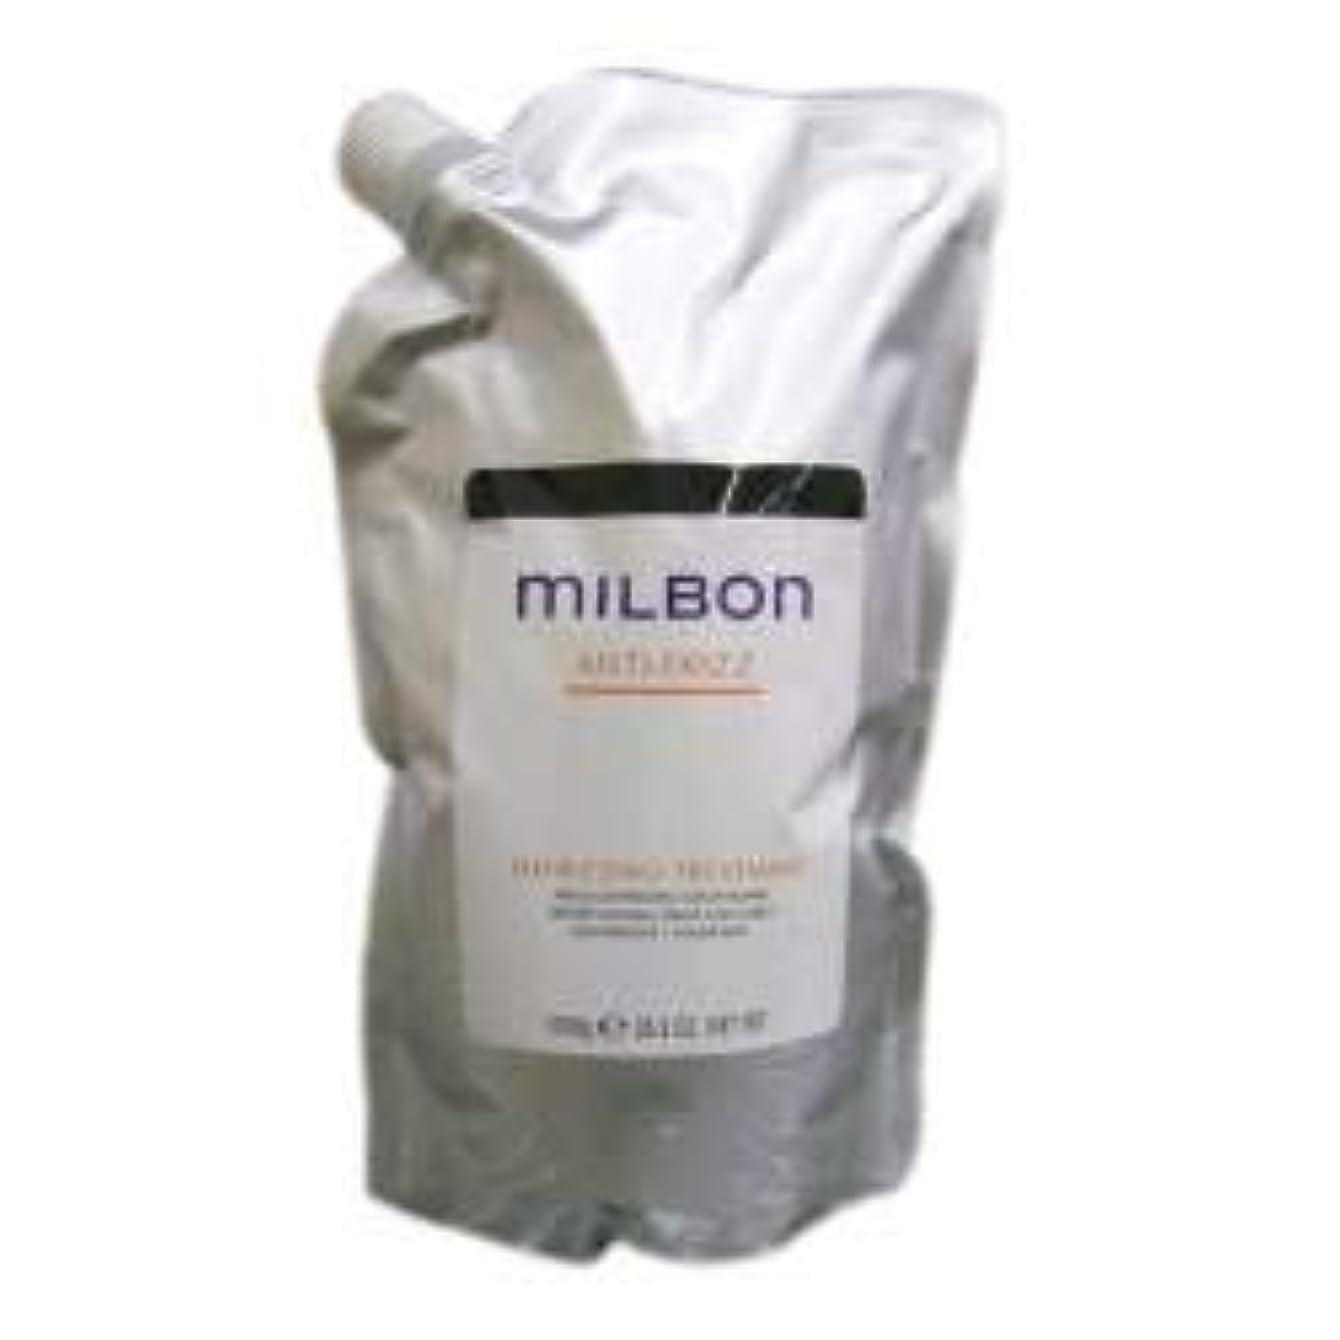 ずらすかすかな胃ミルボン ディフリッジング トリートメント<つめかえ用>(1000g)